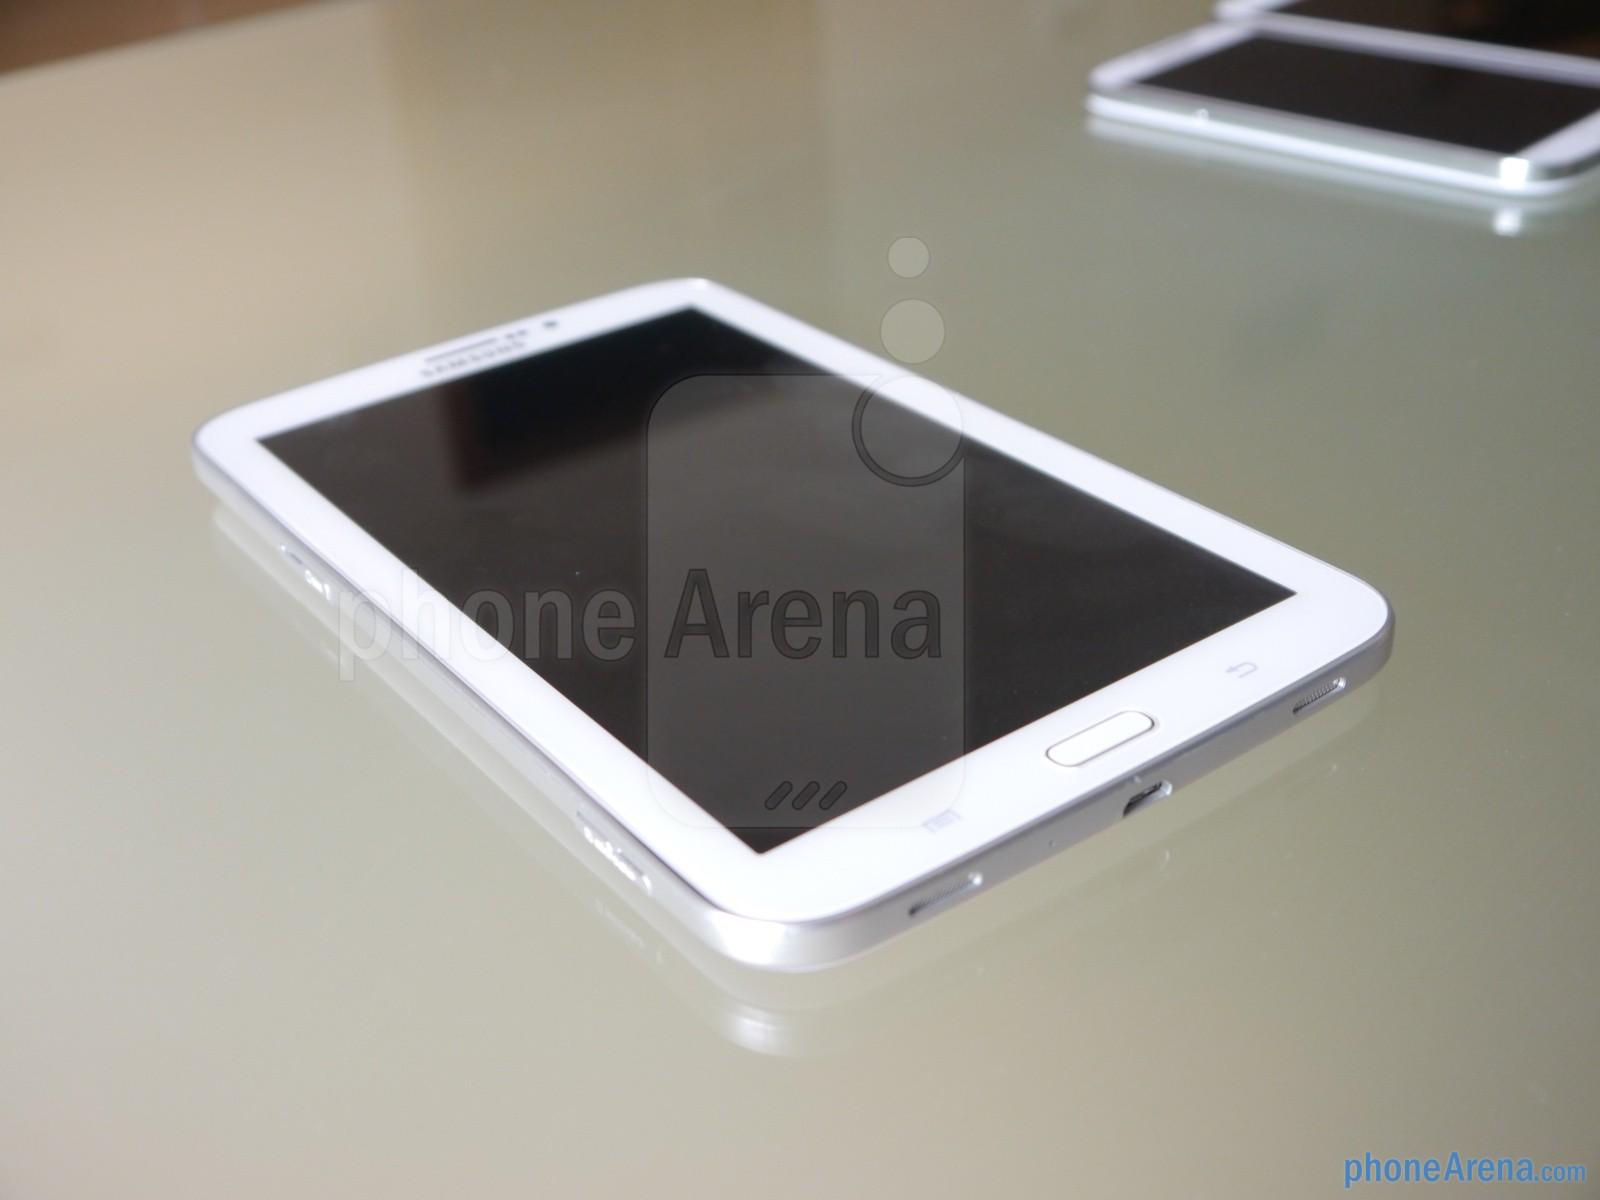 Samsung-Galaxy-Tab-3-7-inch-images (2)